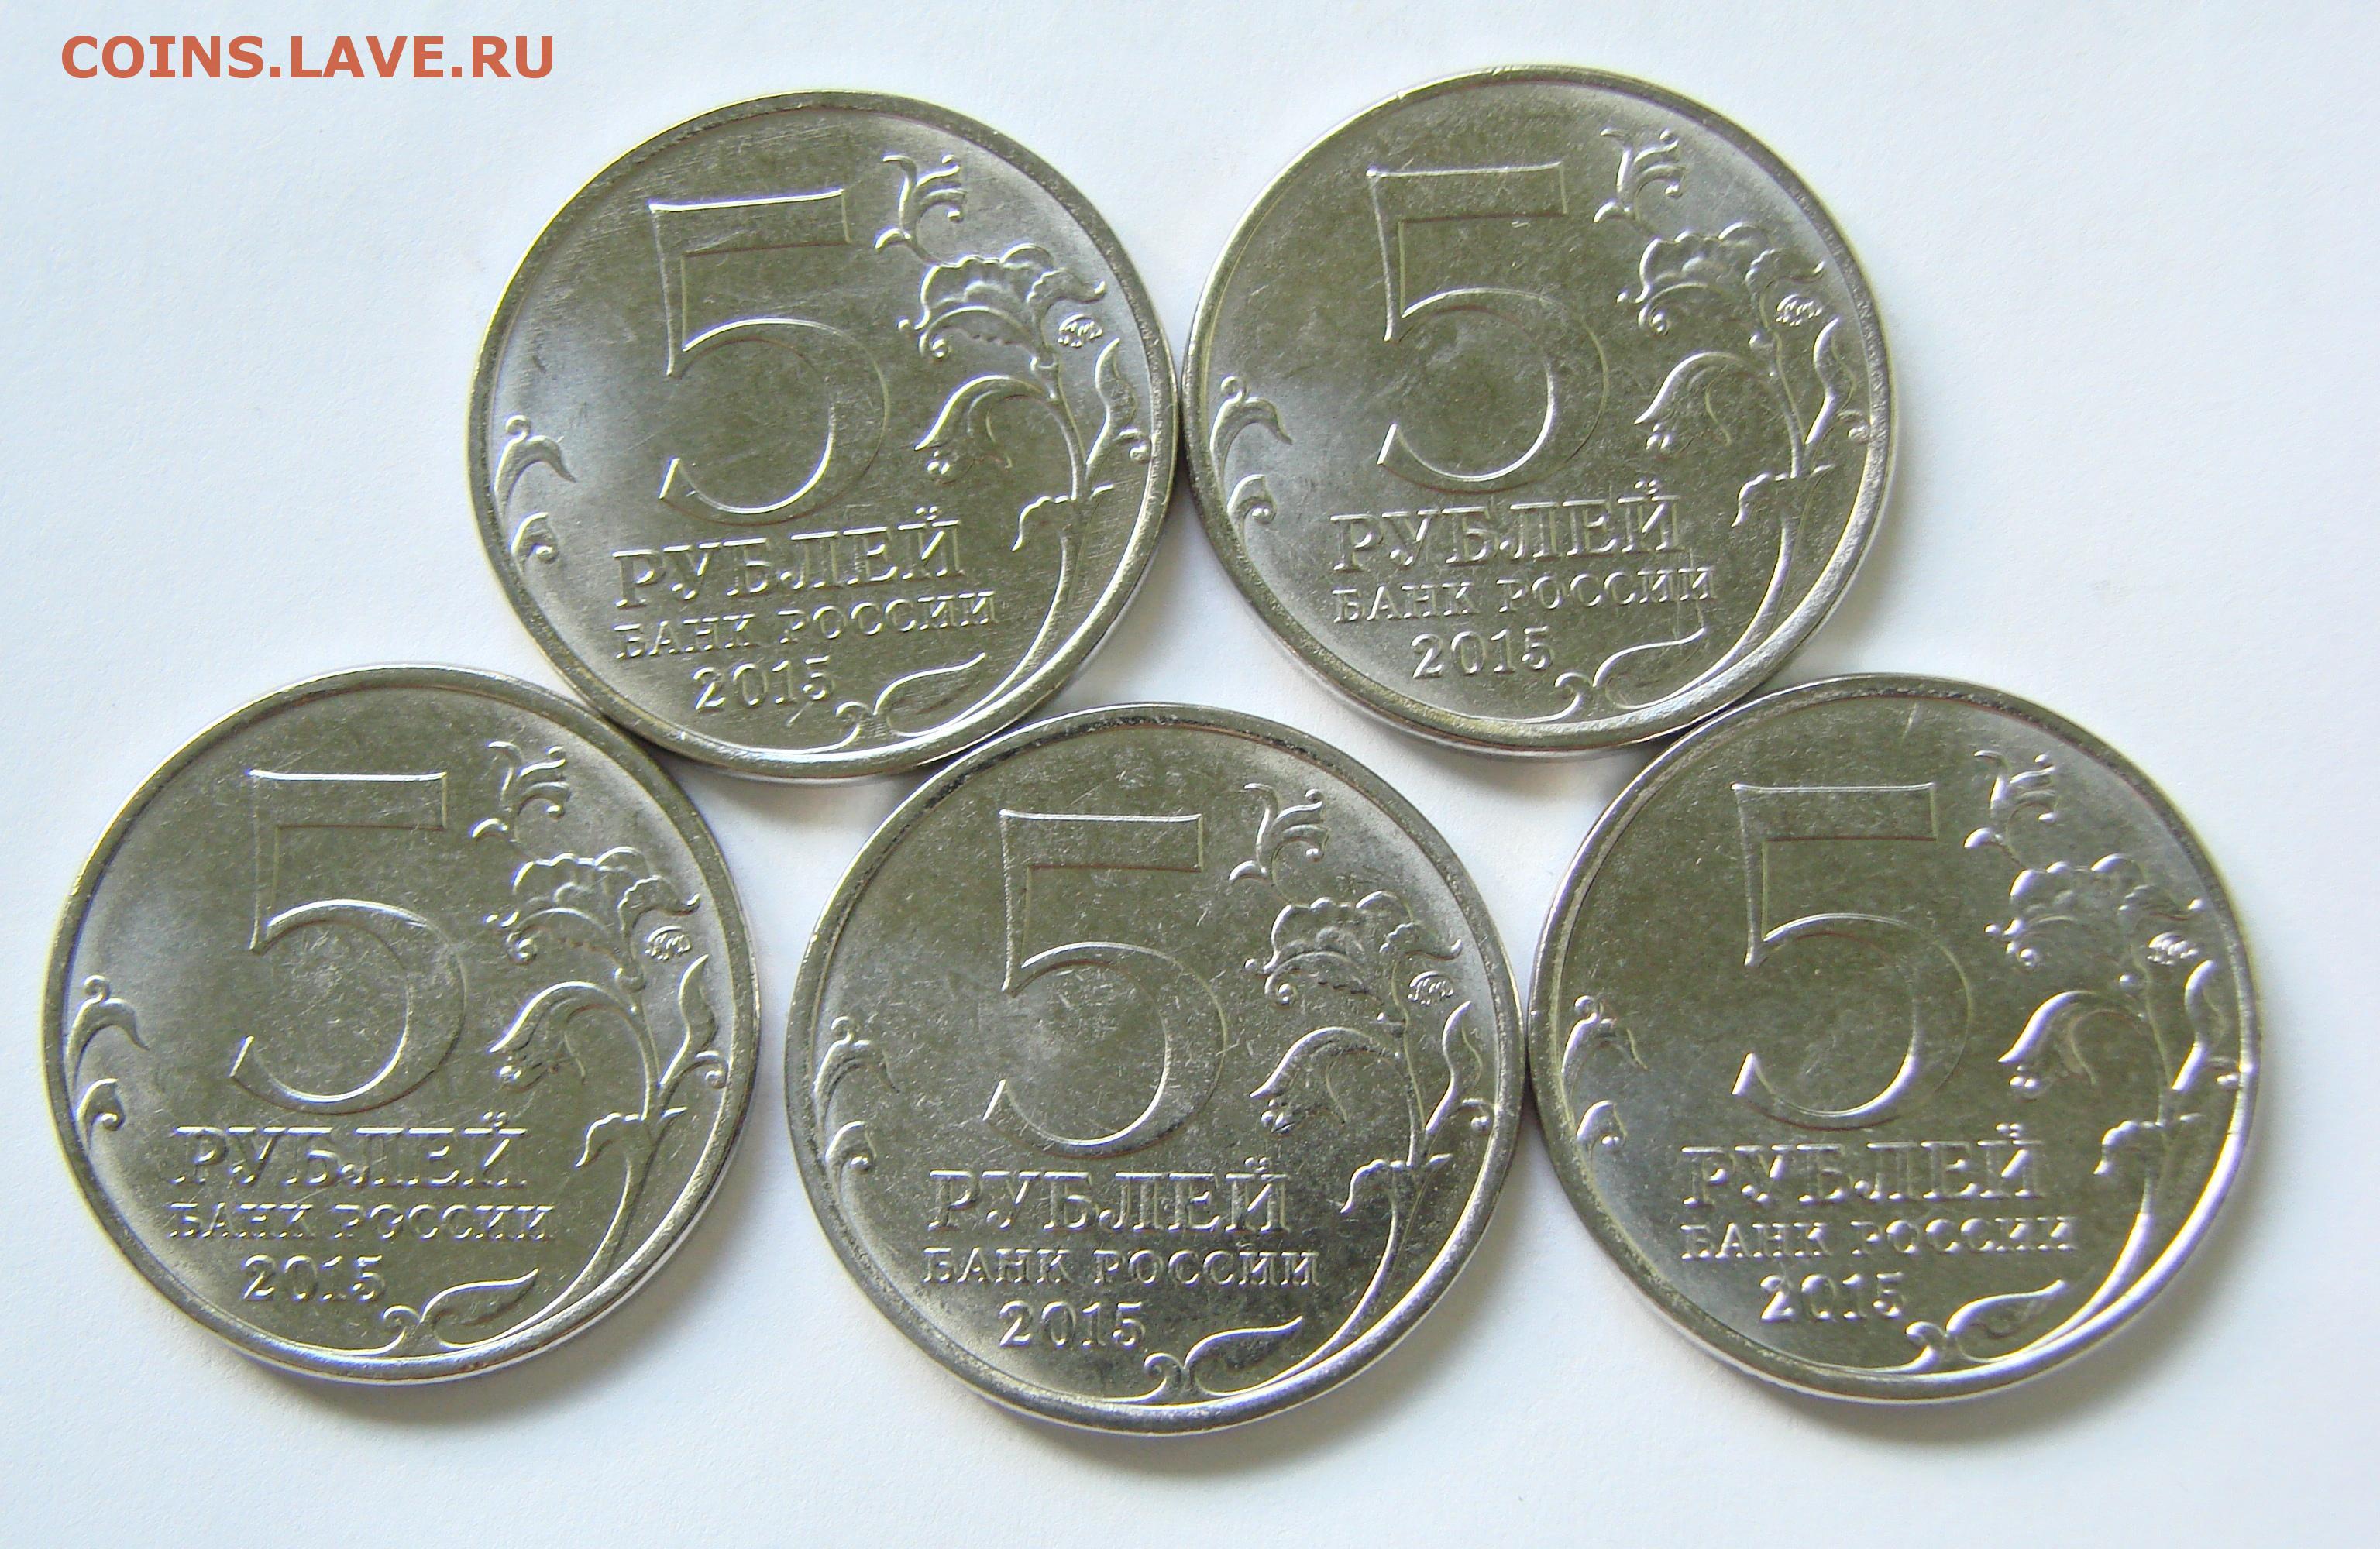 Монеты мск 5 рублевые юбилейные